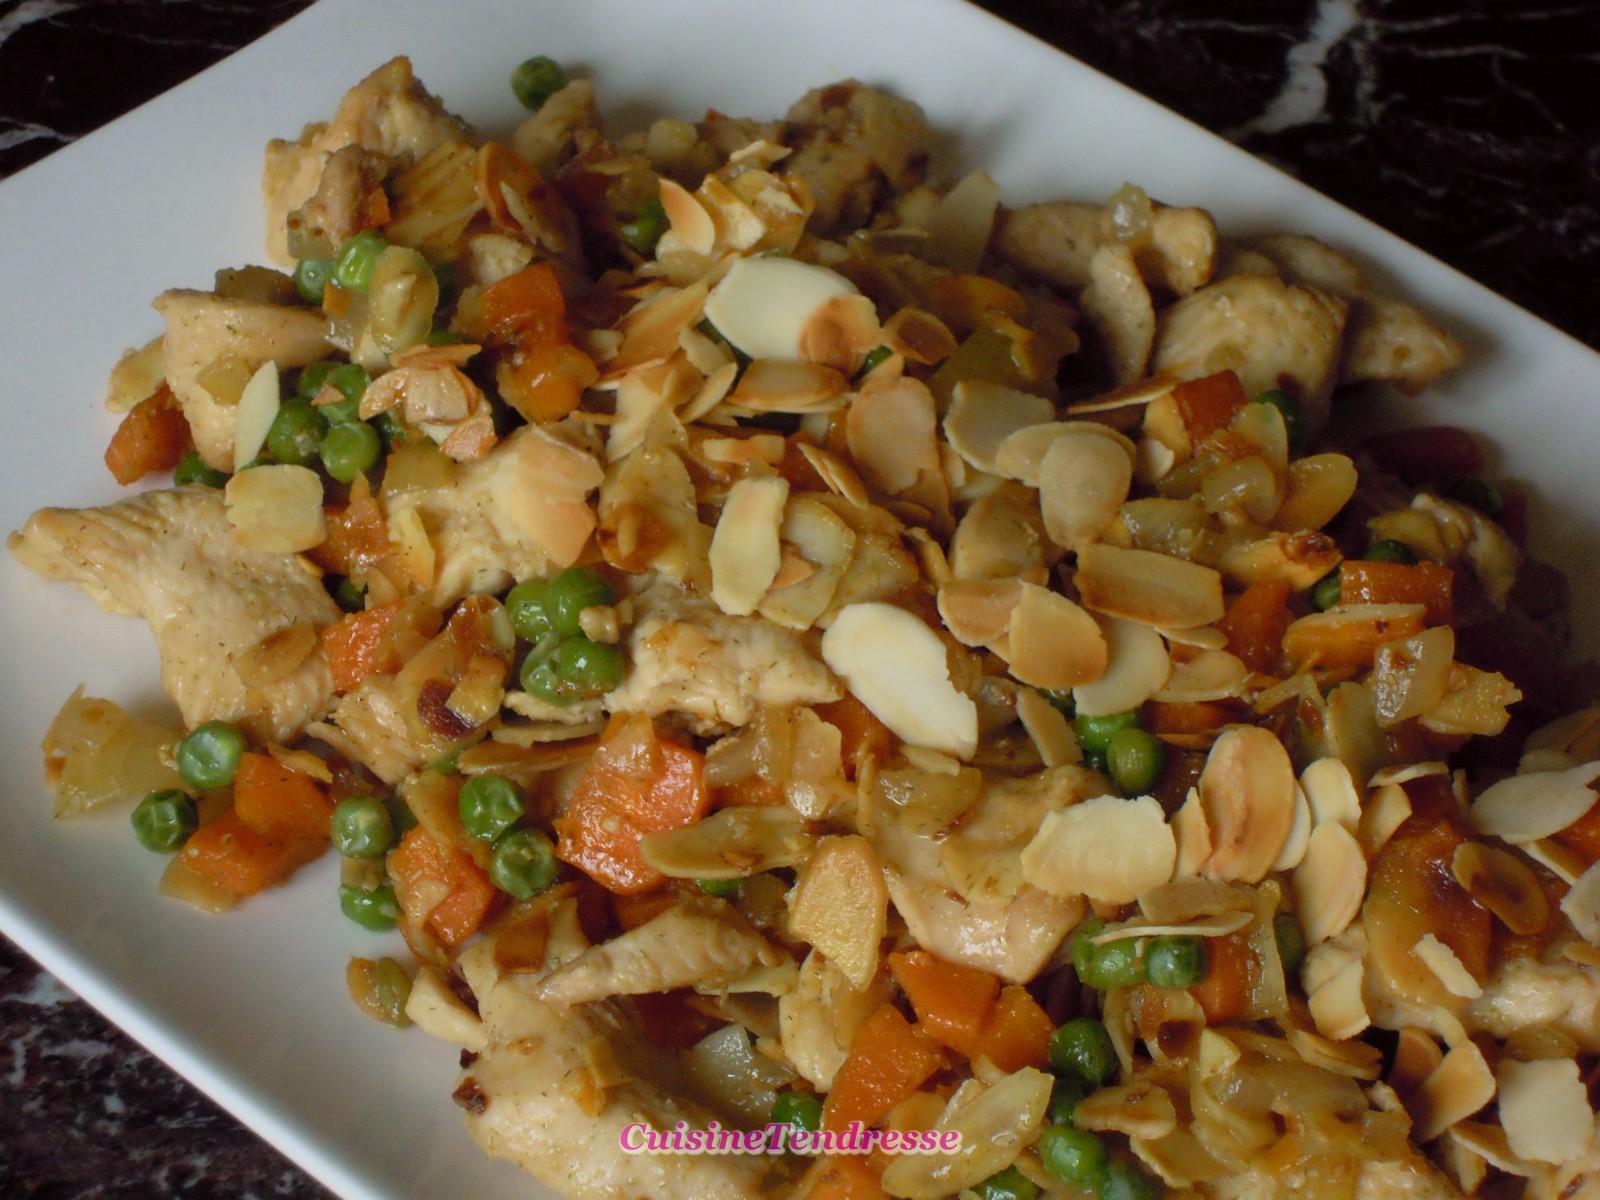 Poulet aux amandes chine blogs de cuisine - Blogs recettes de cuisine ...